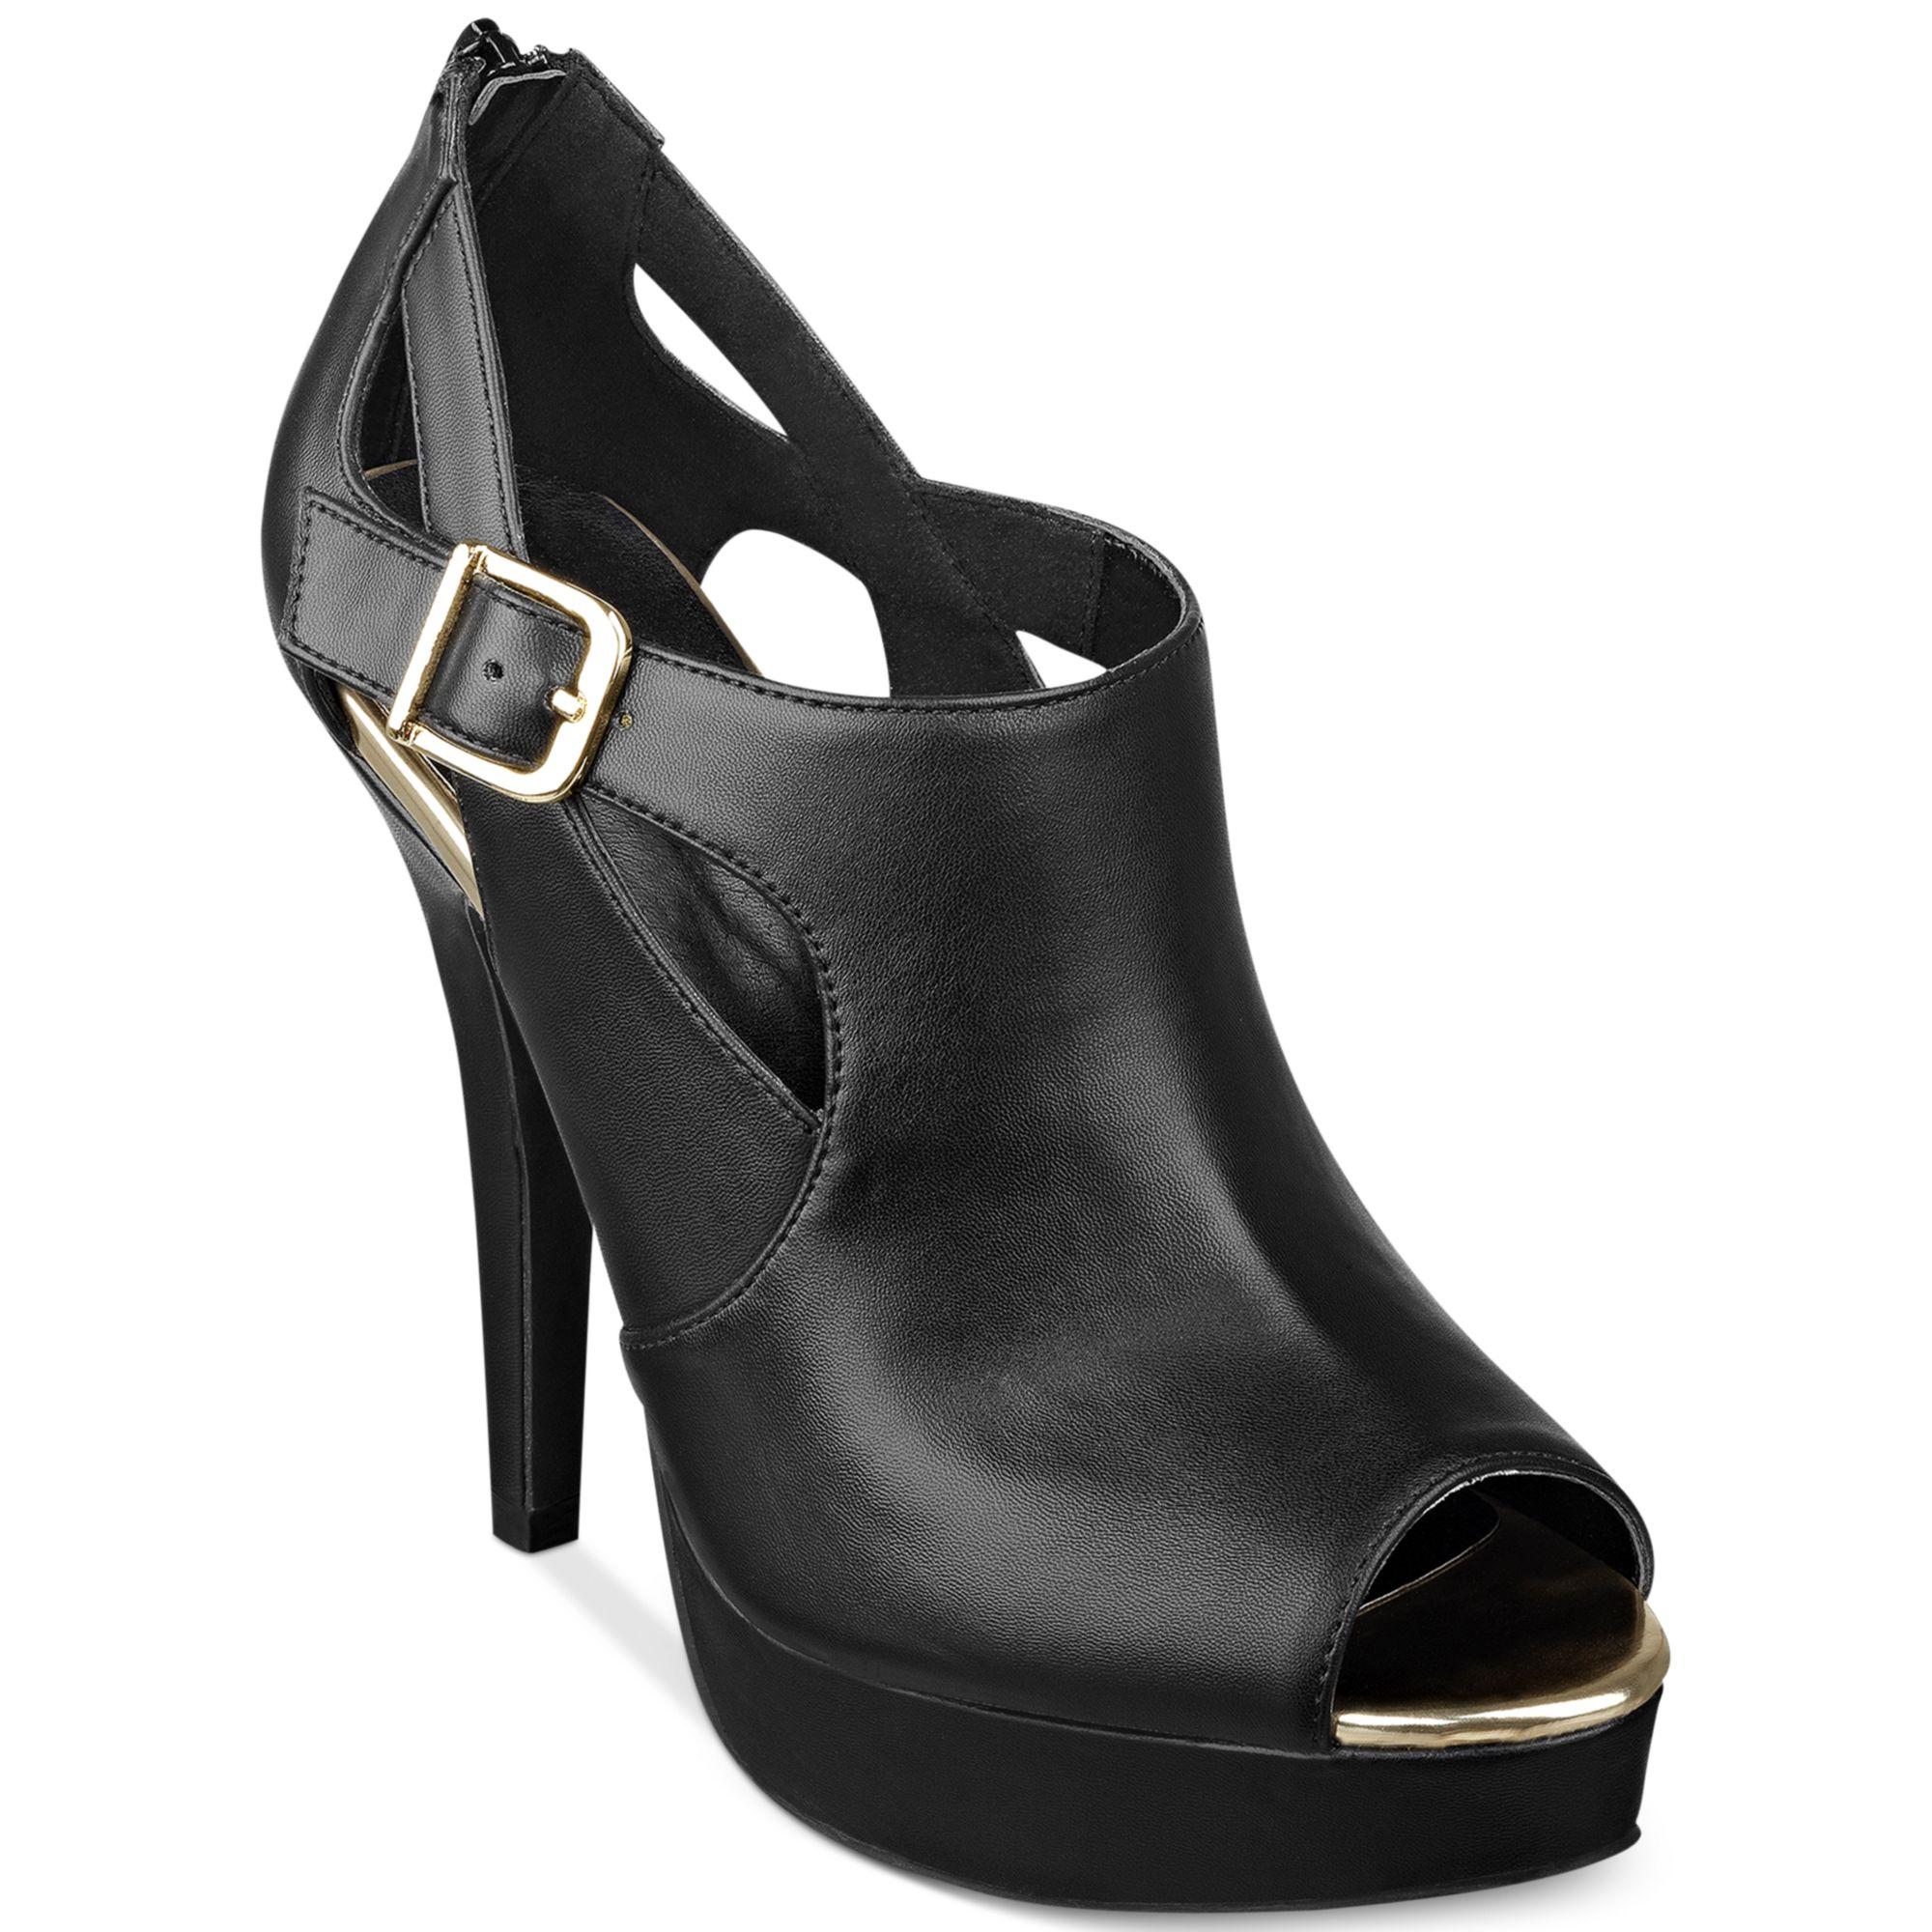 Rag And Bone Womens Shoes Paltform